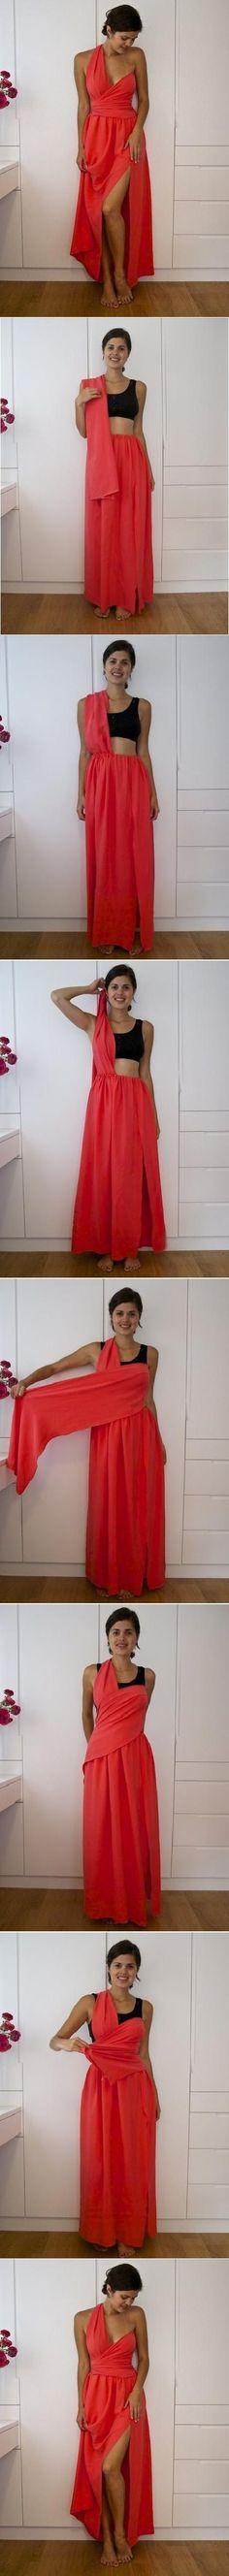 Con 3 paños de tela, transformá un vestido.